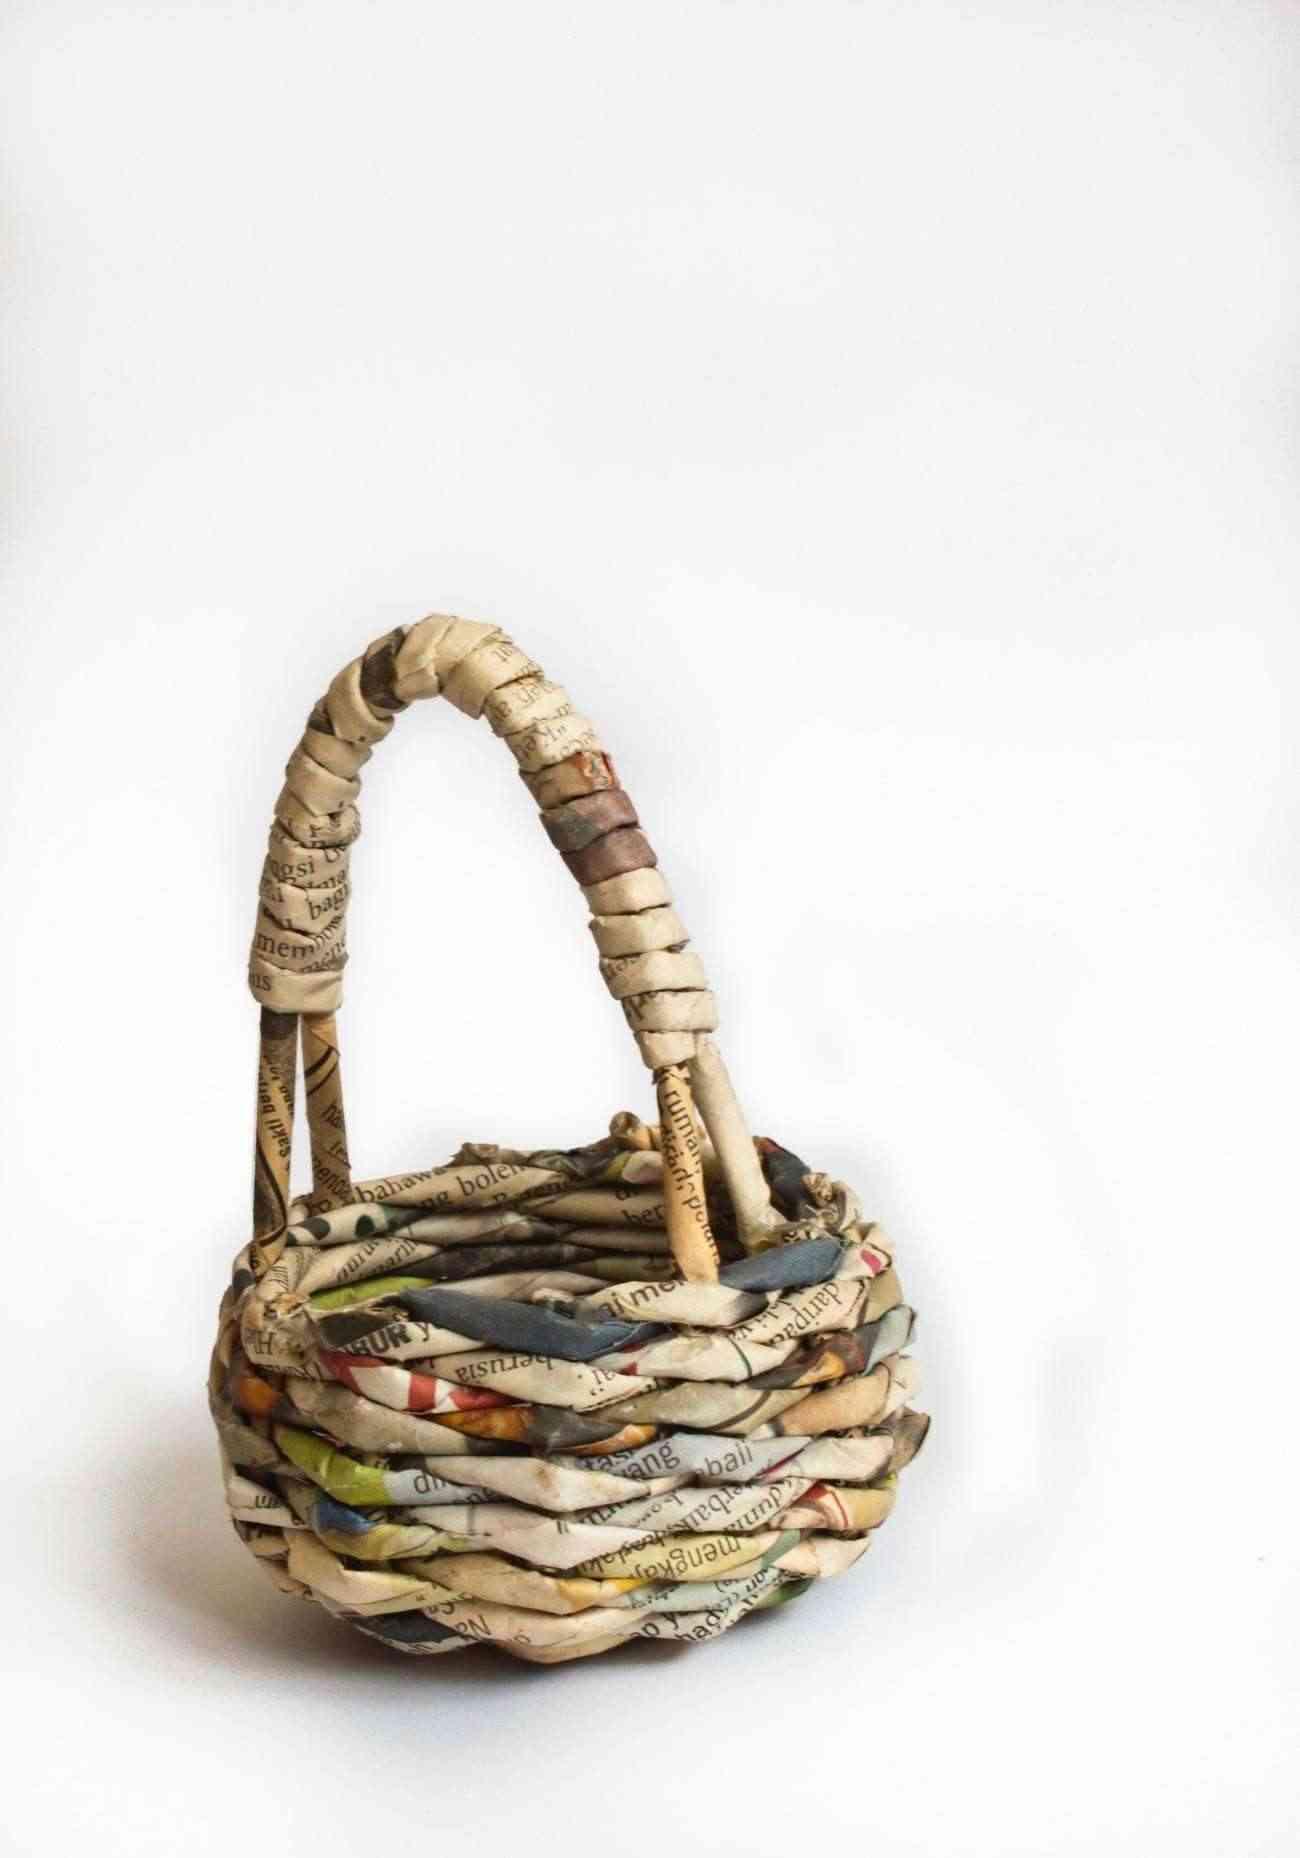 C mo hacer una cesta de papel reciclado paso a paso - Reciclar cestas de mimbre ...